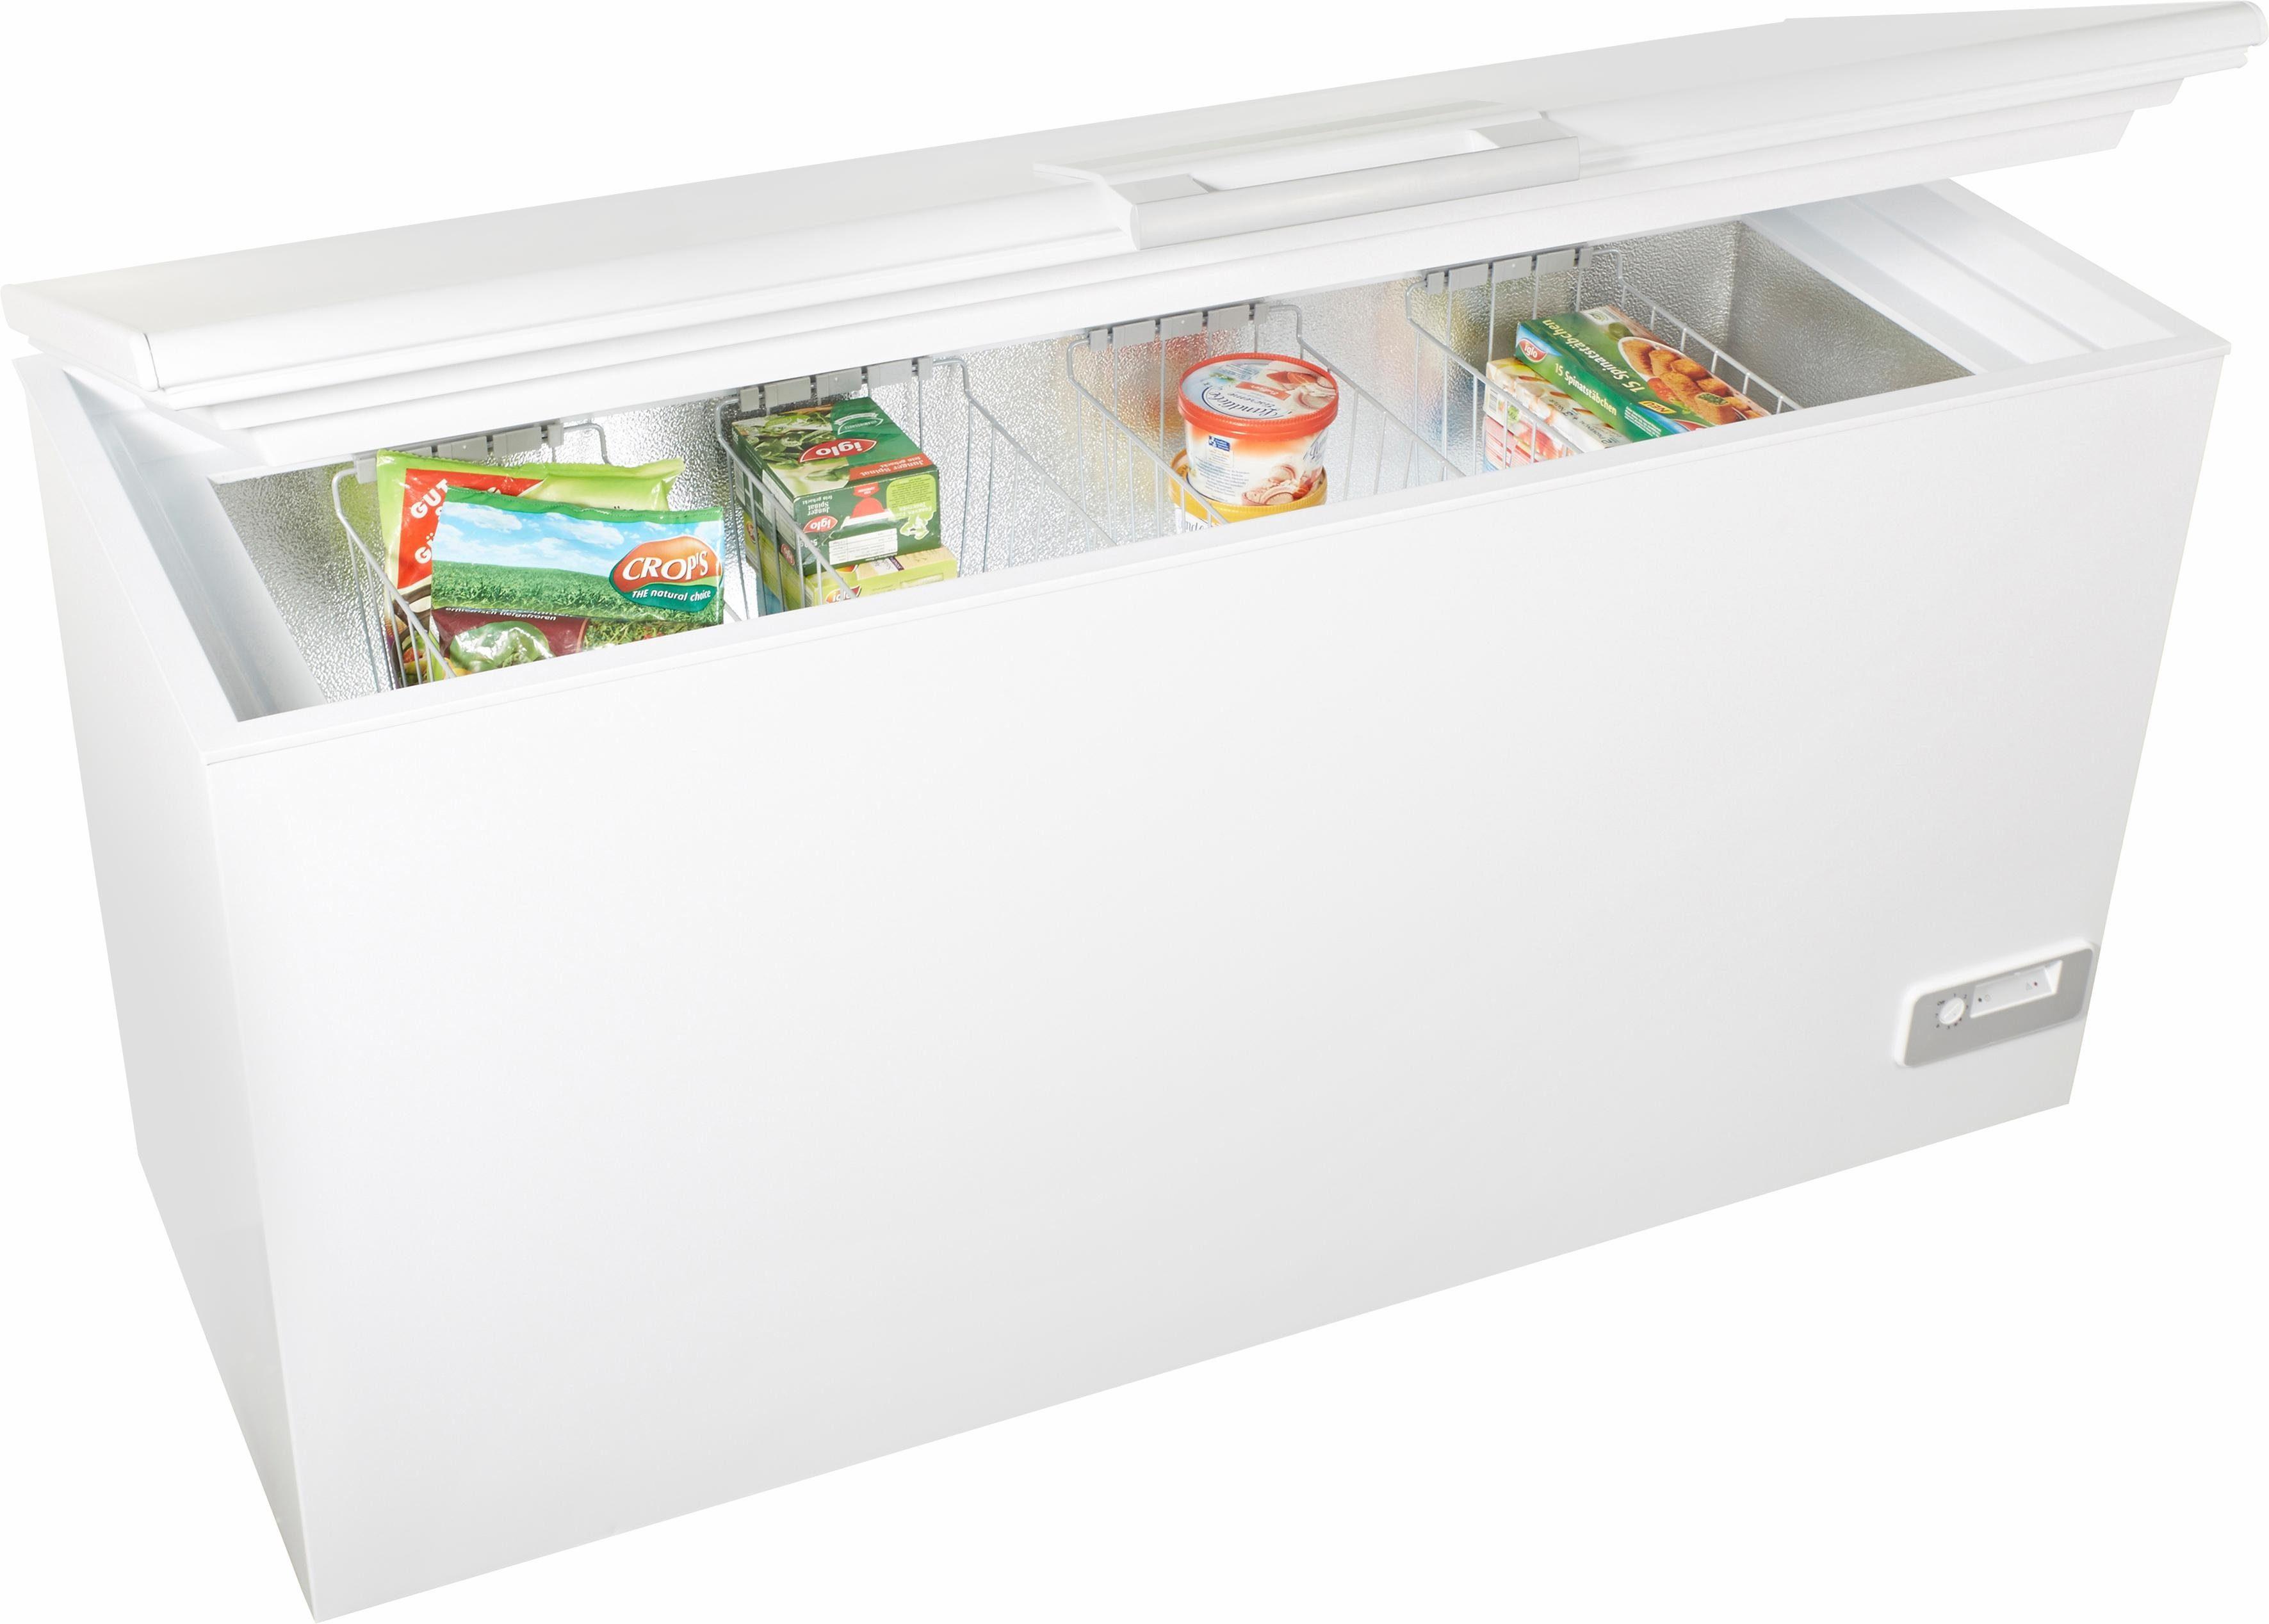 Mini Kühlschrank Mit Gefrierfach Otto : Gefriertruhe bis a jetzt mit anschlussservice kaufen otto